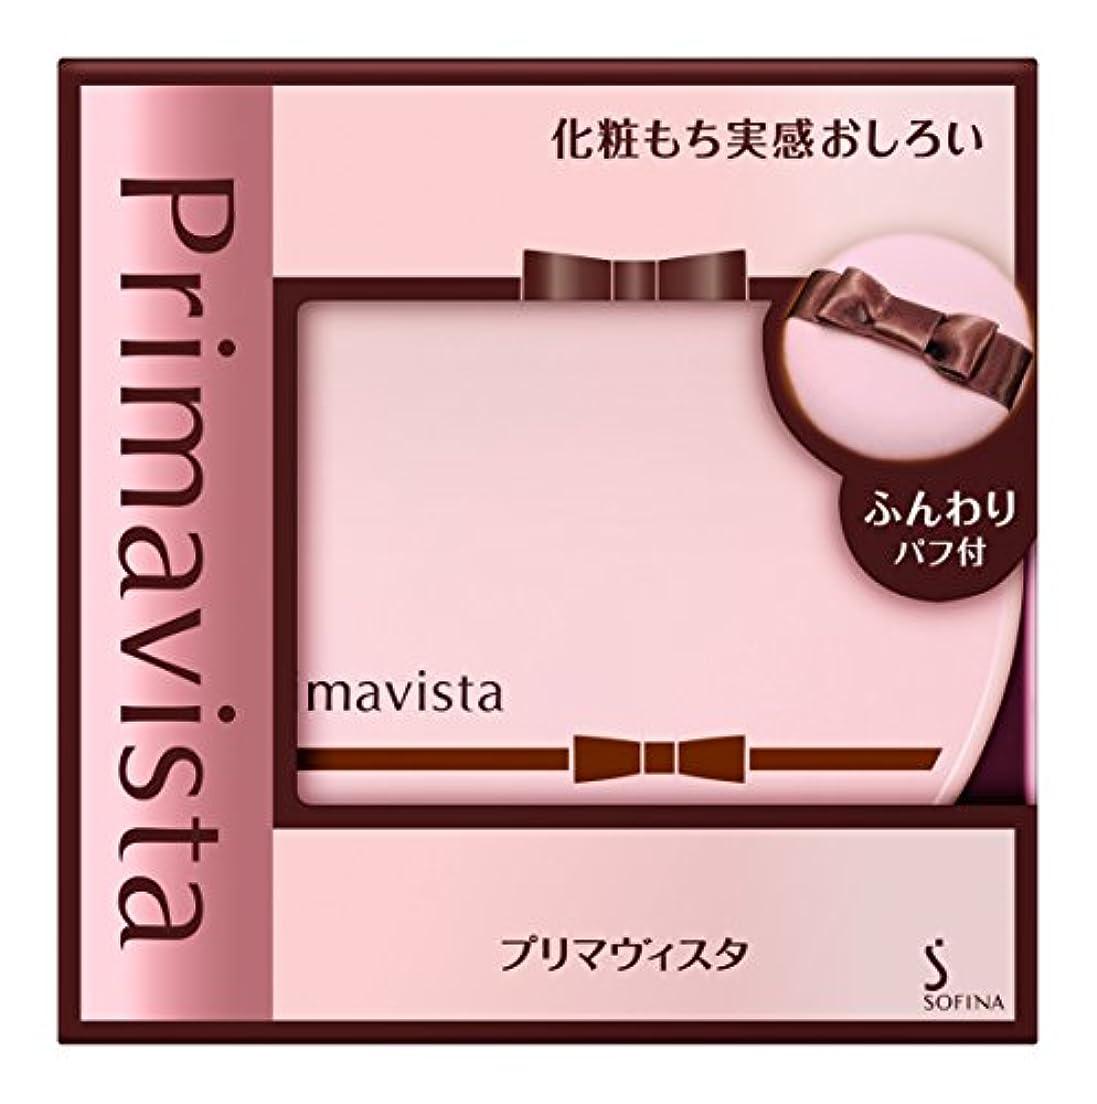 エコー溶かす置くためにパックプリマヴィスタ 化粧もち実感 おしろい 12.5g(フェイスパウダー)